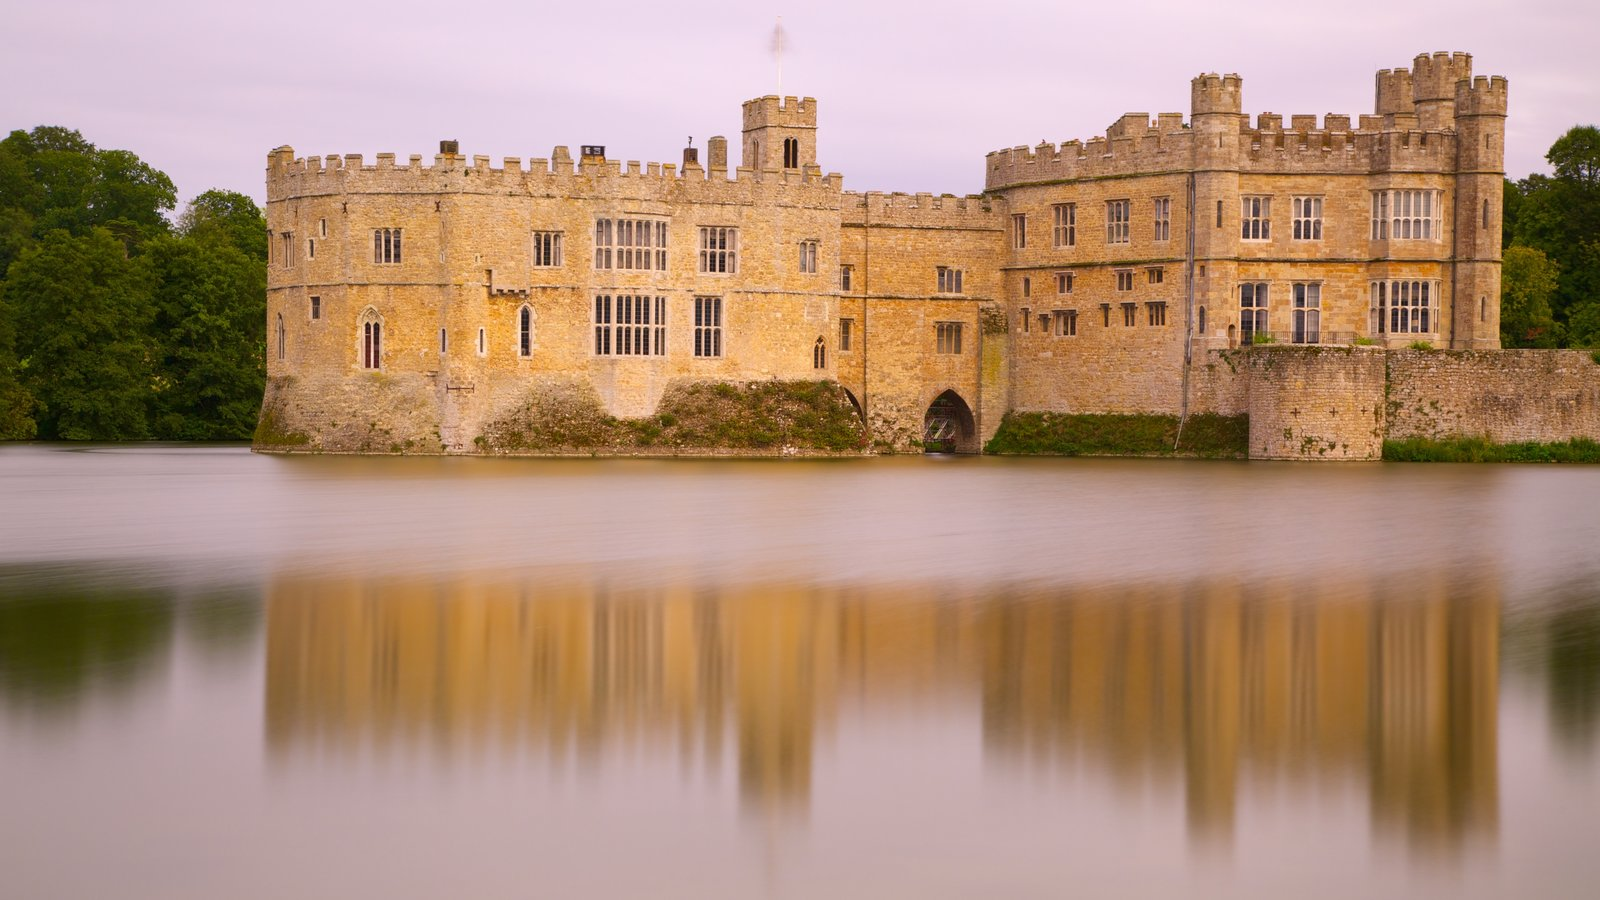 Castillo de Leeds ofreciendo un castillo, elementos del patrimonio y un río o arroyo